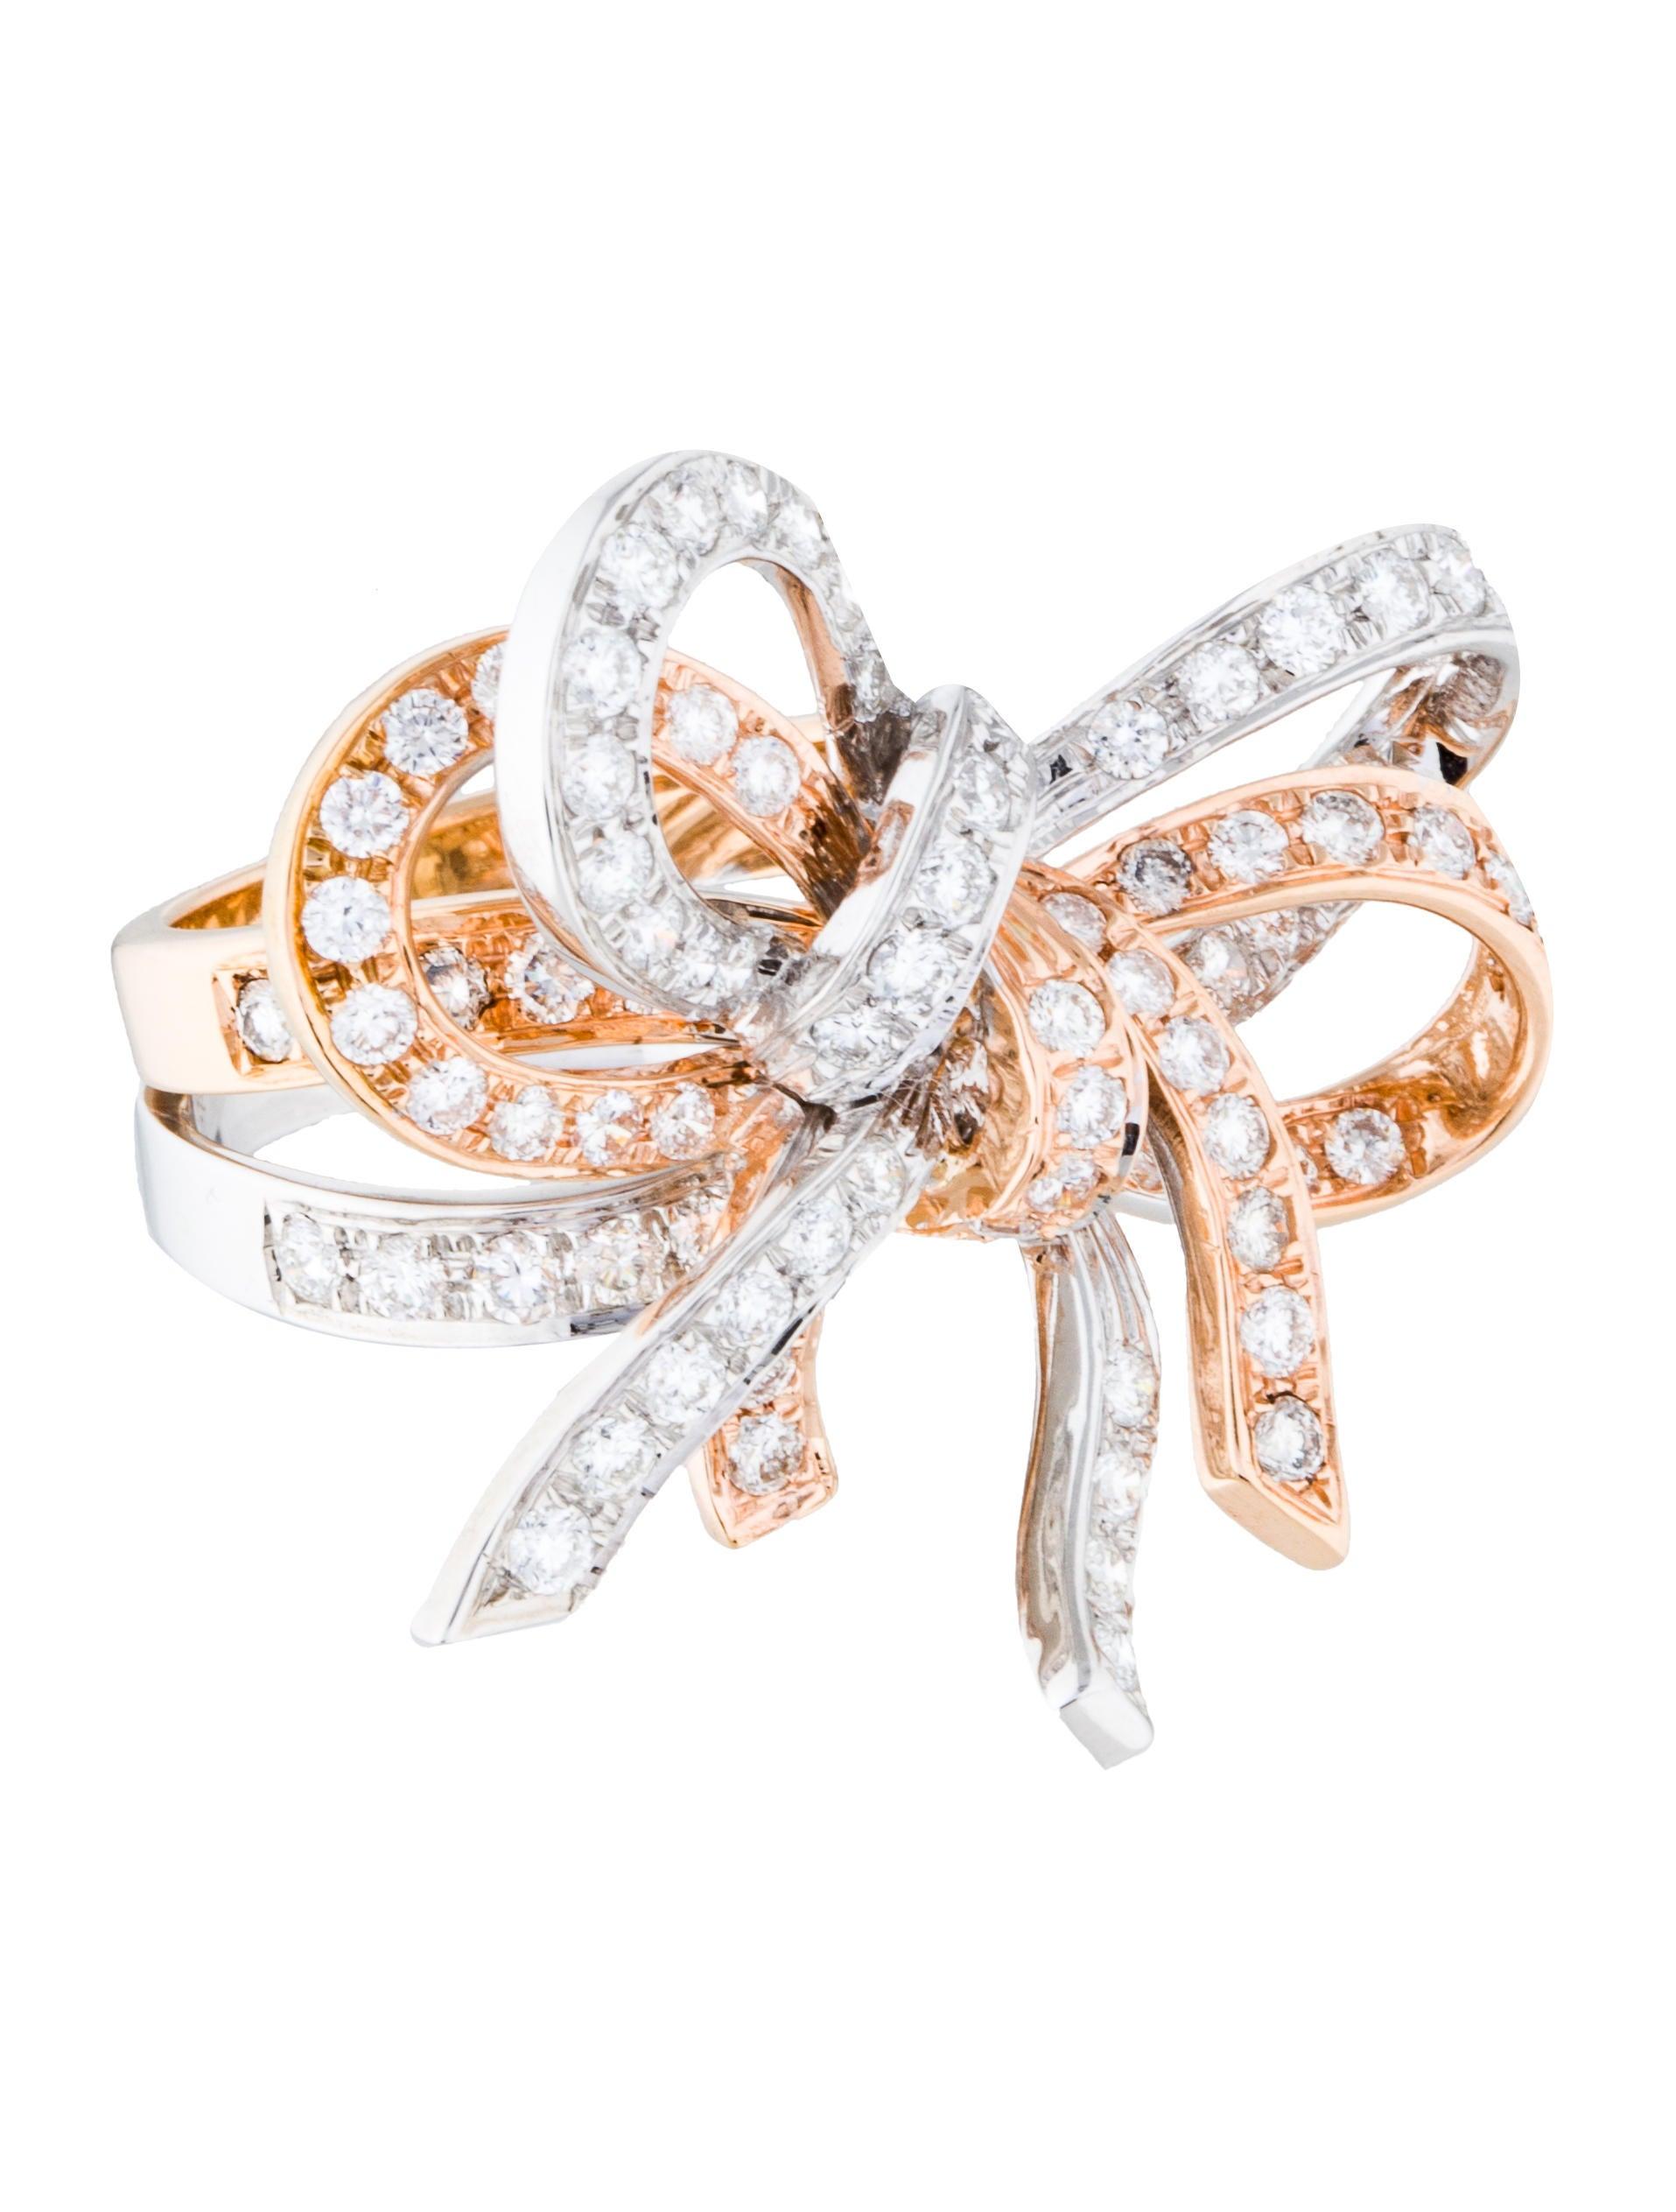 Ring Bow Il Gioiello Personalizzabile Con La Tua Nailart: 18K Diamond Bow Ring - Rings - RRING32105